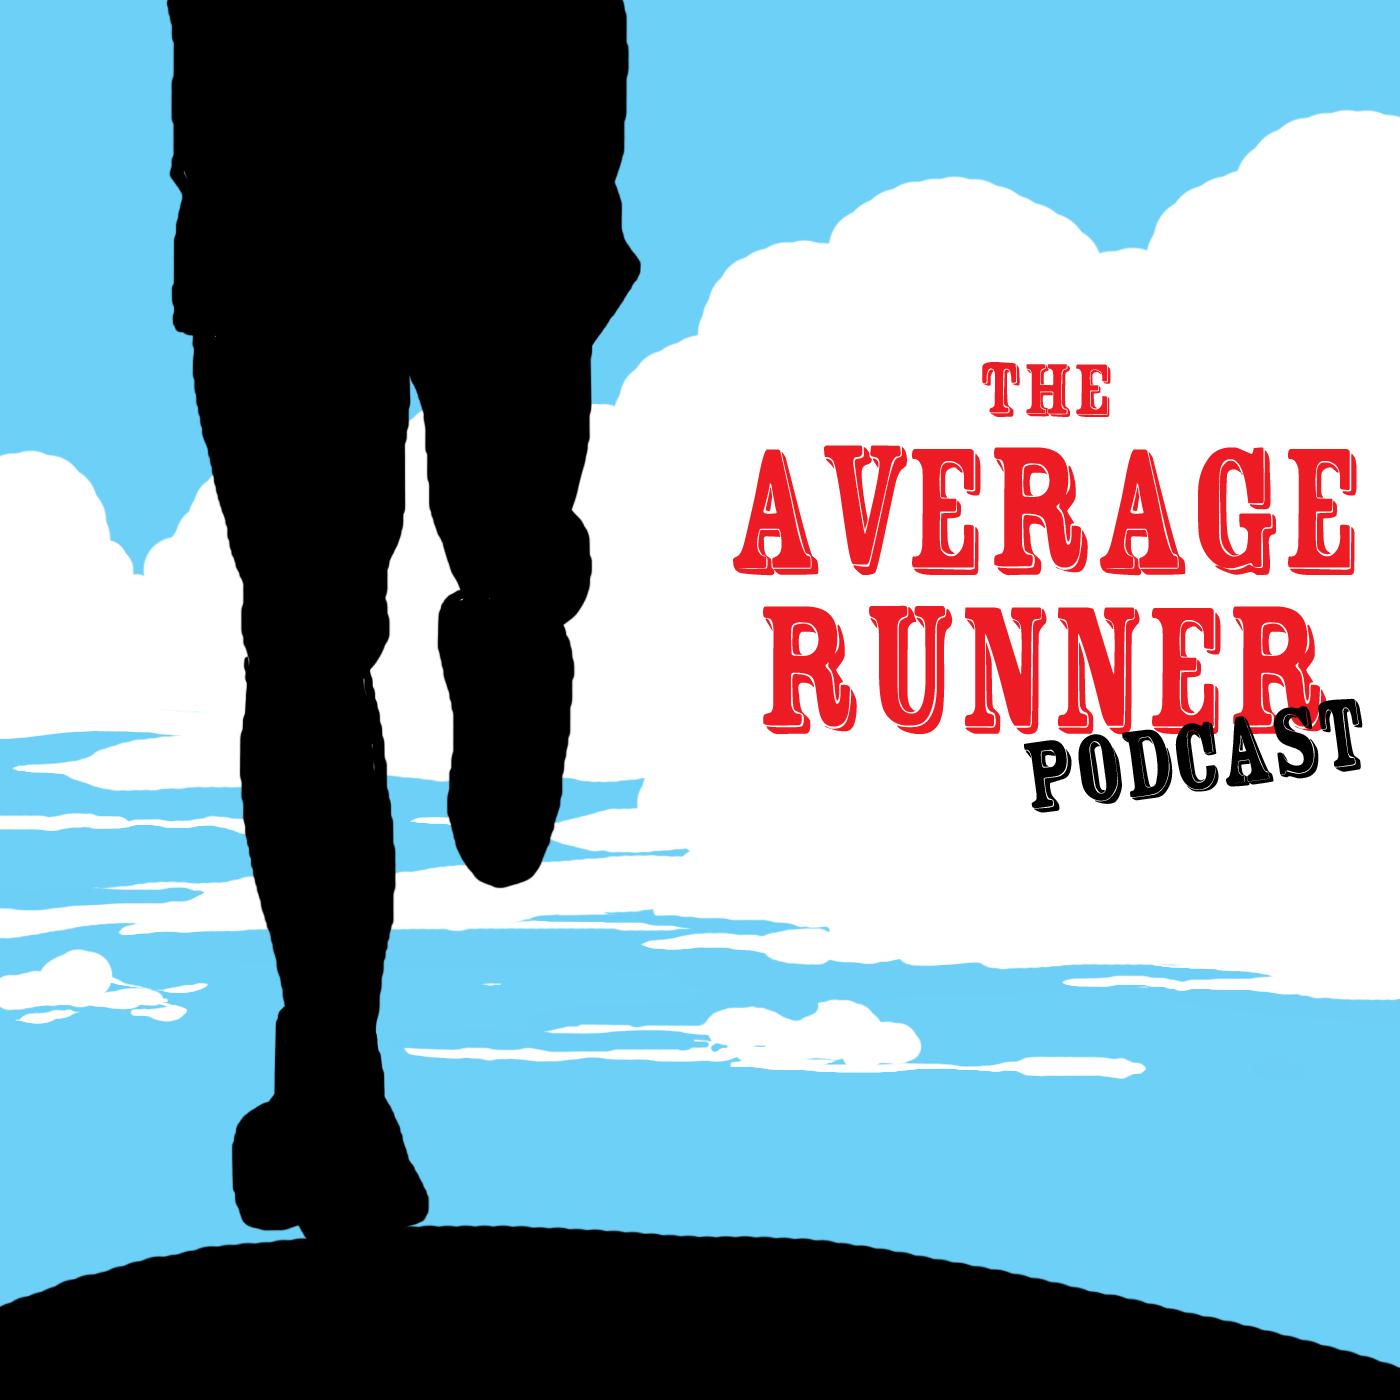 Average-Runner-ep-02-mp3-image.jpg